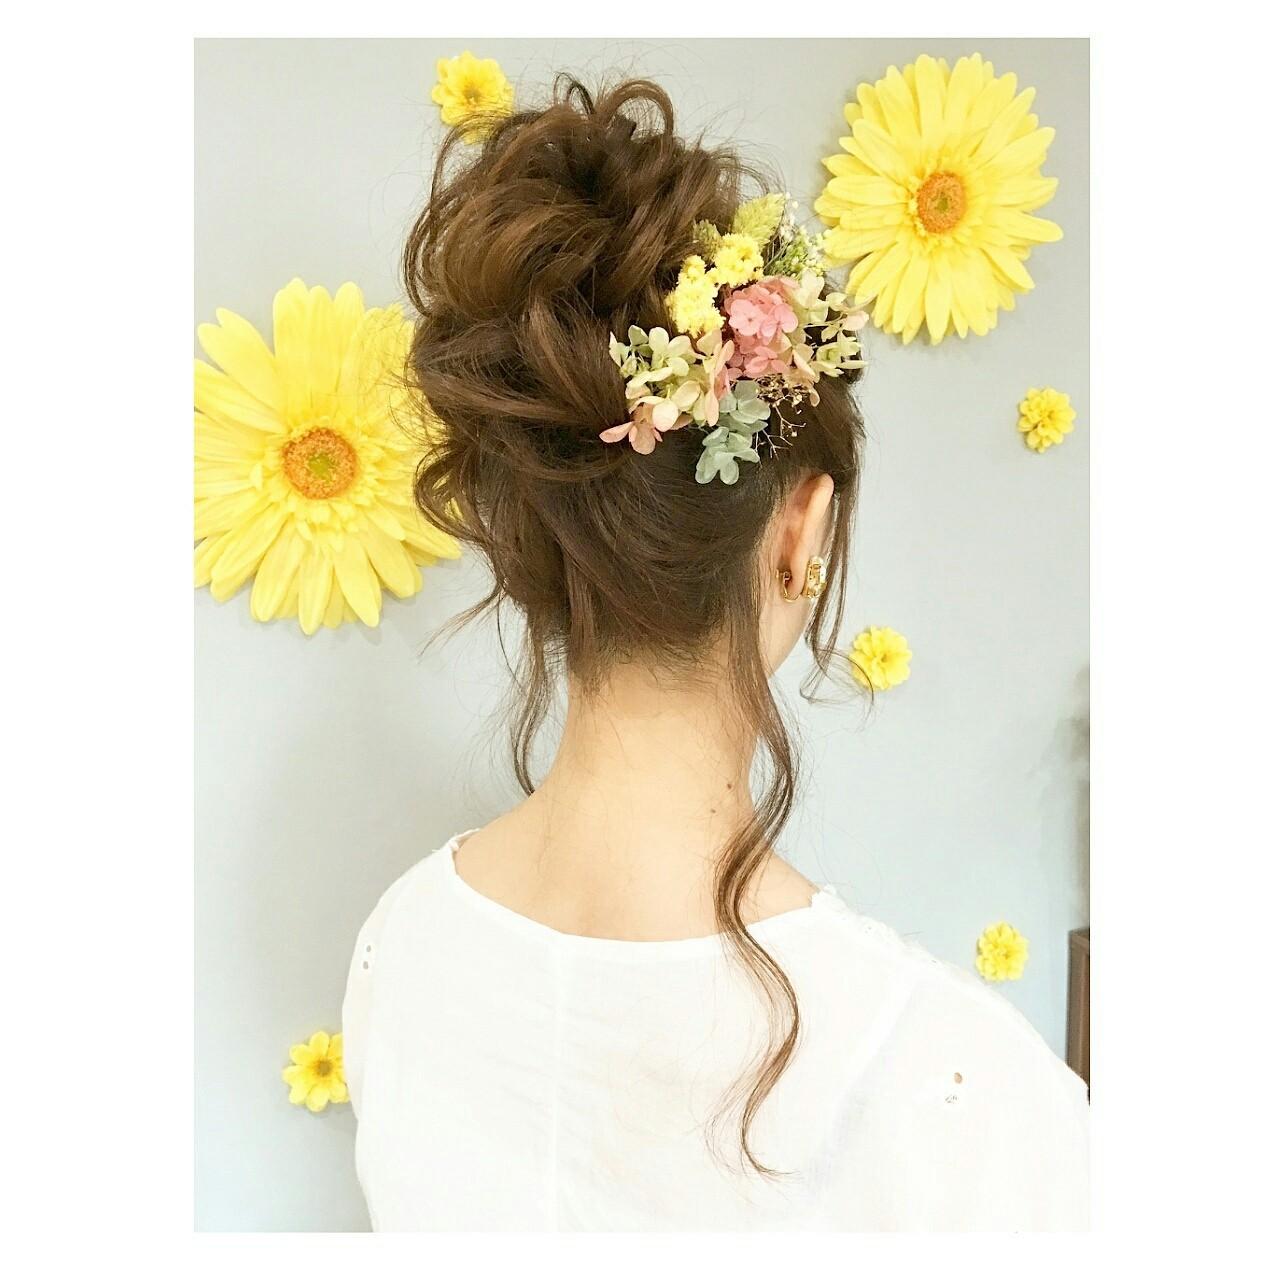 ウェーブ デート アンニュイ ヘアアレンジ ヘアスタイルや髪型の写真・画像 | chisa* / CURE